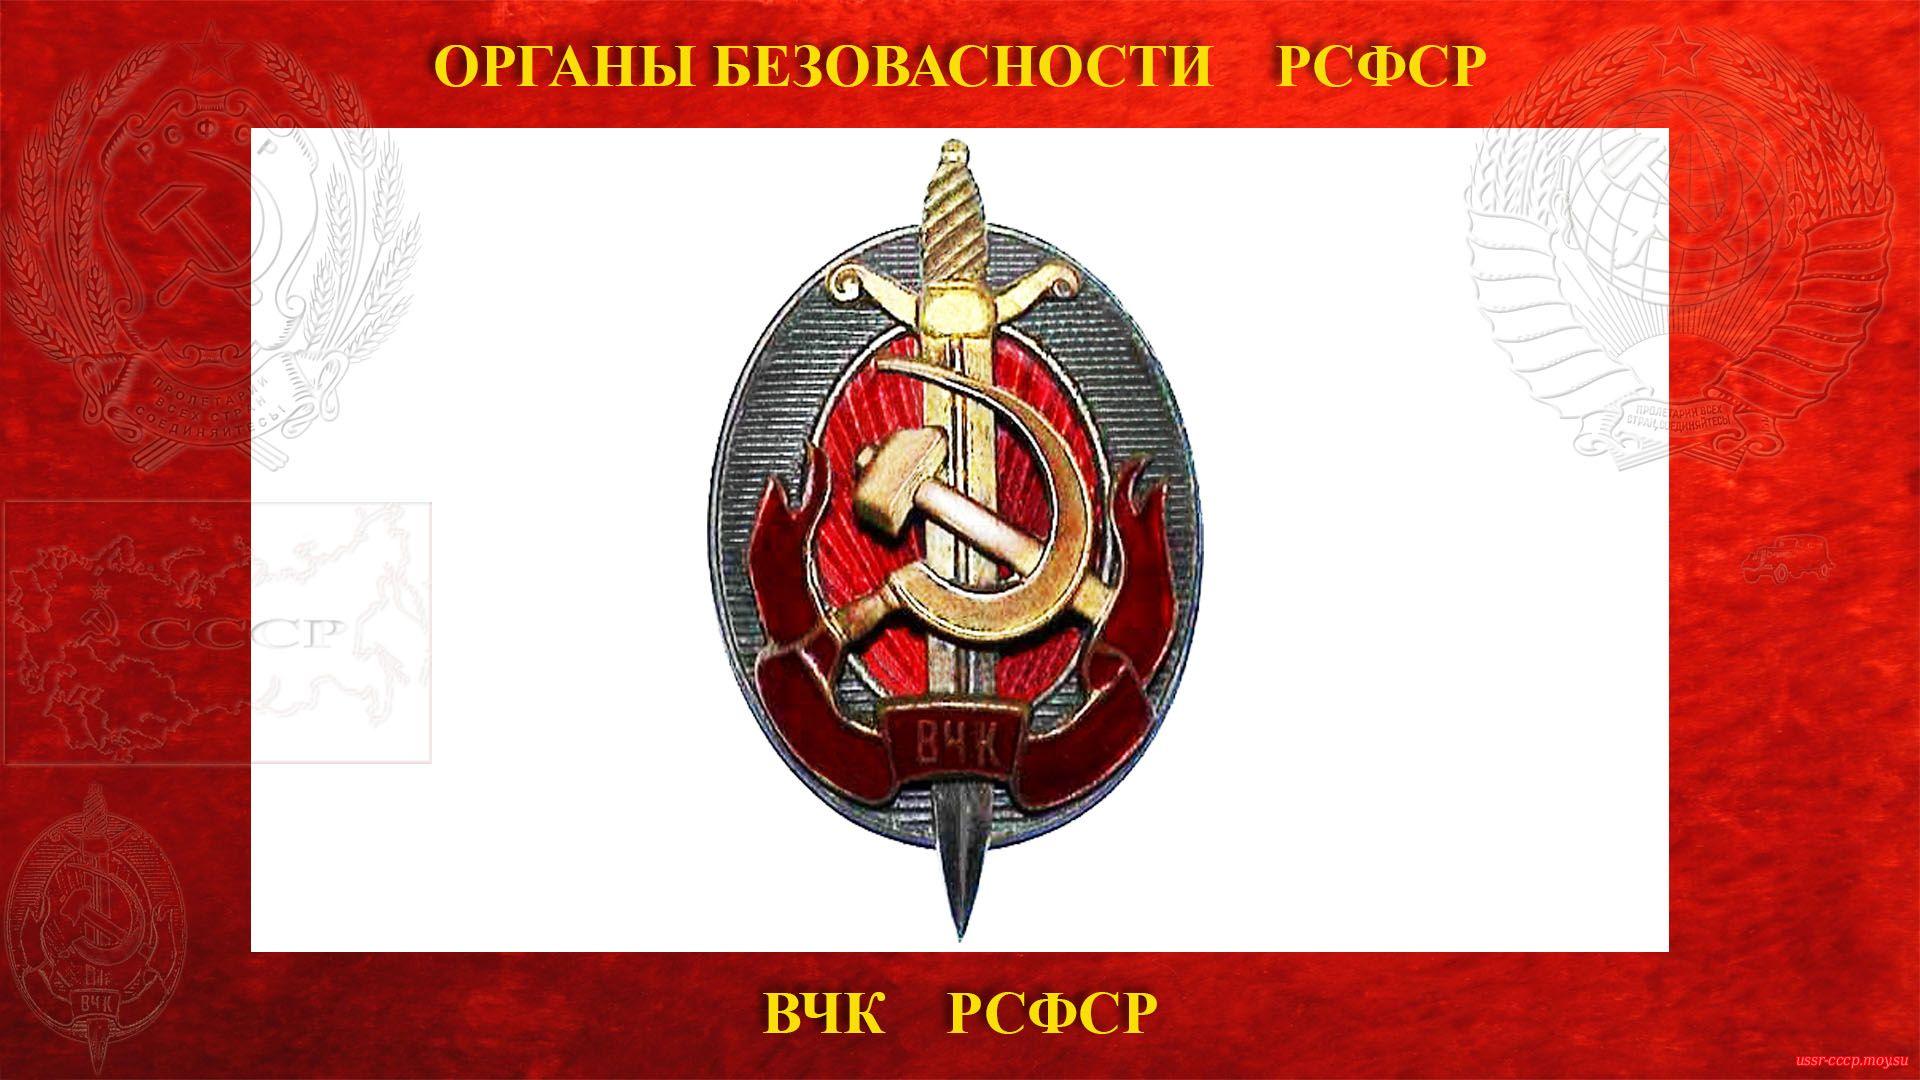 ВЧК — Всероссийская чрезвычайная комиссия по борьбе с контрреволюцией и саботажем (20.12.1917 — 06.02.1922)